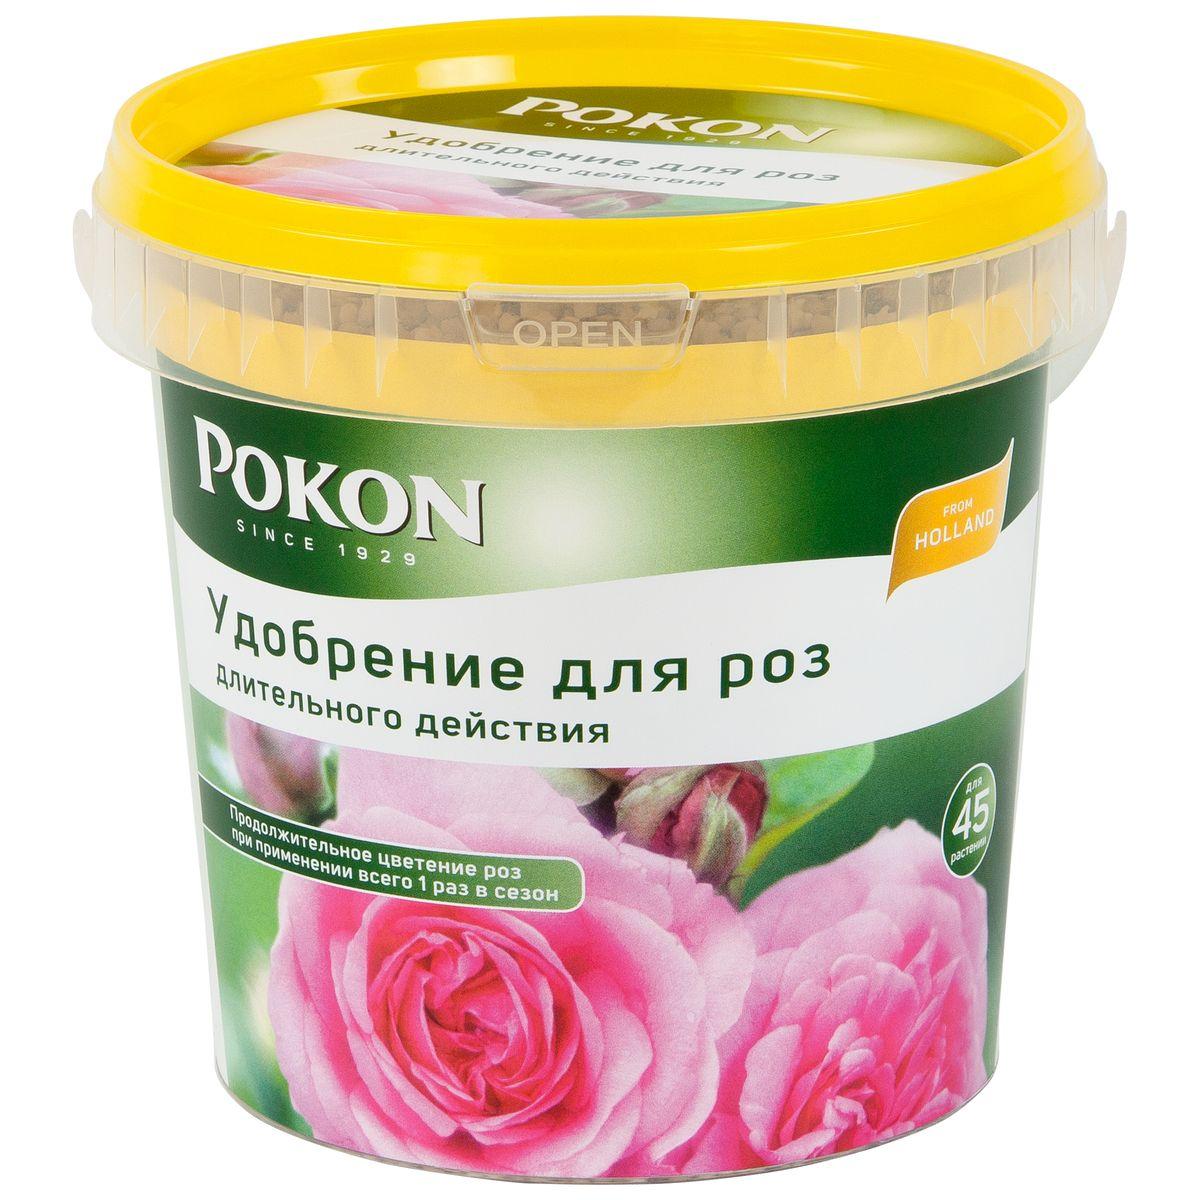 Удобрение Pokon для роз длительного действия, 900 гRSP-202SУдобрение Pokon для роз длительного действия:NPK 17 + 16 + 17 с добавкой 2 MgO + 1 Fe.Это удобрение Pokon содержит как раз столько азота, фосфора и калия, сколько нужно для здоровья и красоты ваших роз. А добавка железа увеличивает их восприимчивость к свету. В удобрении есть все необходимое, чтобы розы цвели все лето — часто и обильно. Достаточно внести это удобрение один раз, и затем питательные вещества будут постепенно высвобождаться и проникать в растения в течение сезона под воздействием дождей и солнца.Инструкция по применению:- Вносите удобрение 1 раз в год, желательно весной или при посадке растений.- Отмерьте нужное количество гранул (1 мерная ложечка на 1 растение или 1,5 мерной ложечки на 1 кв. м).- Равномерно насыпьте гранулы вокруг стеблей.- Смешайте гранулы с верхним слоем грунта.- Полейте грунт, и удобрение немедленно начнет действовать.- Не используйте при температуре выше +25 градусов и под прямыми солнечными лучами.Состав:17% — общее содержание азота (N);3% — нитратный азот;4% — аммонийный азот;10% — мочевинный азот;16% — безводная фосфорная кислота (P2O5), растворимая в нейтральном цитрате аммония и воде;17% — водорастворимый оксид калия (K2O);9,3% — трехокись серы (SO3);1% — железо (Fe).Удобрение соответствует нормам ЕС.